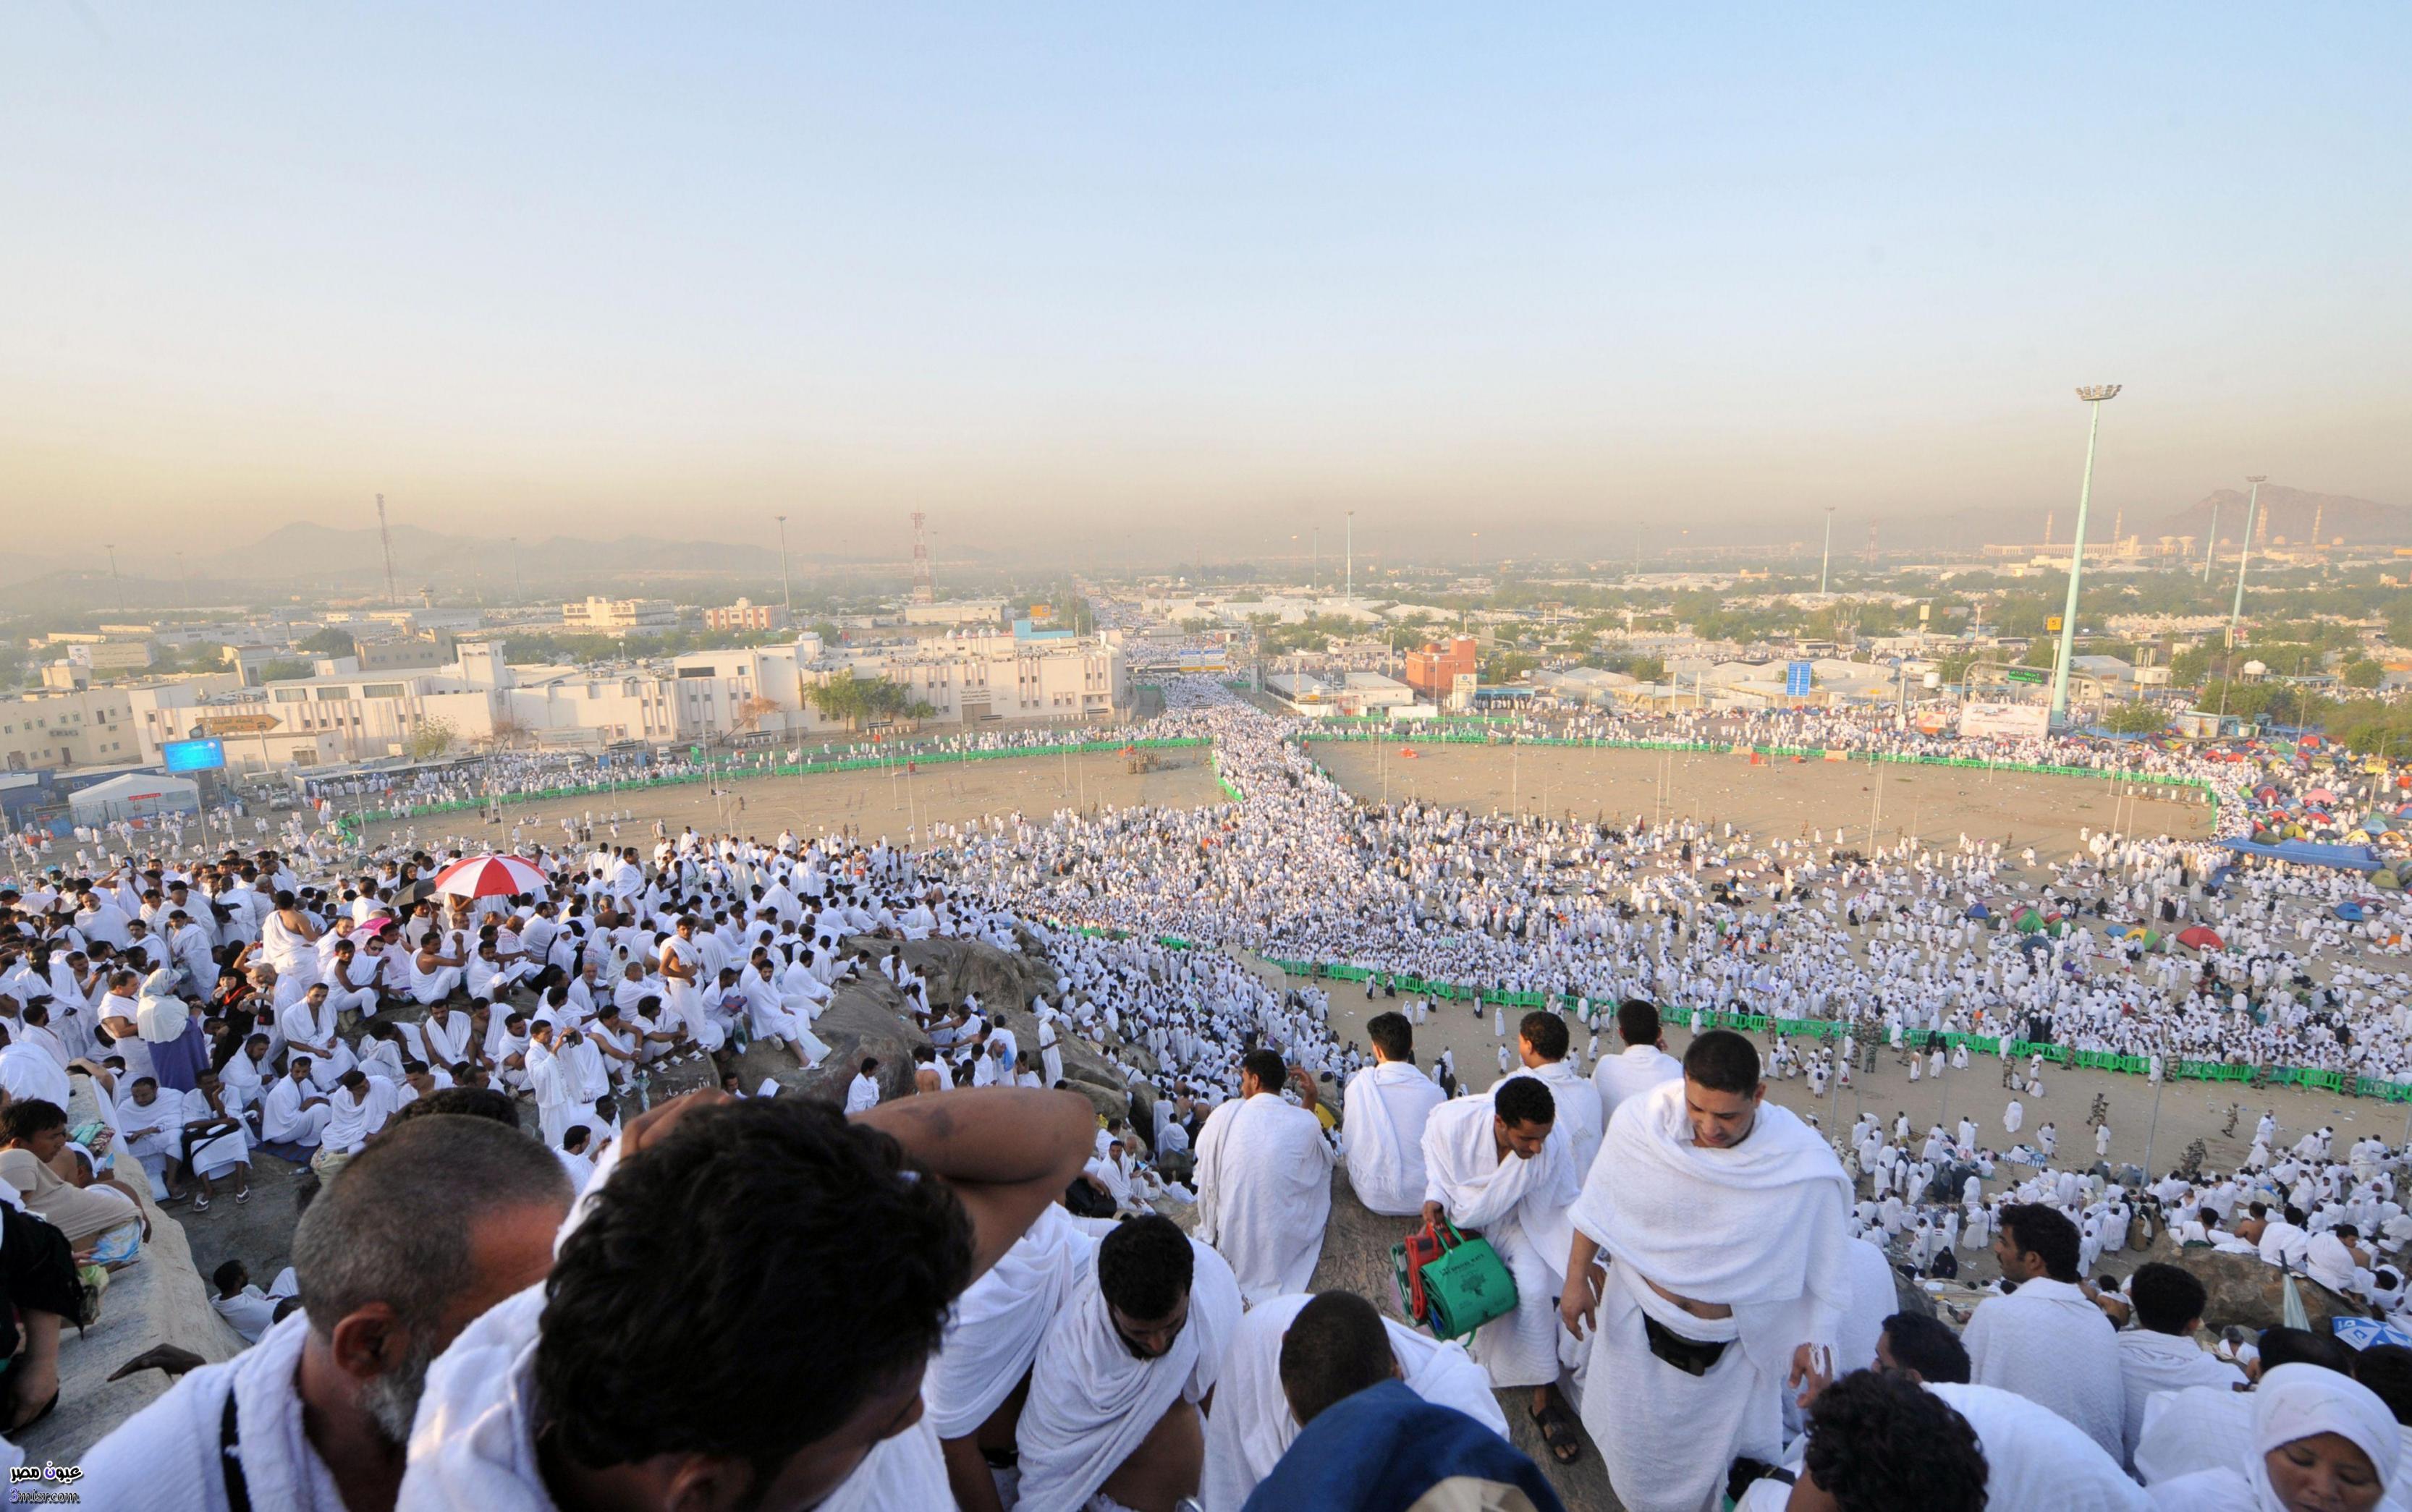 بالصور صور عن يوم عرفه , توضيح بالصور عن يوم عرفه 3475 2